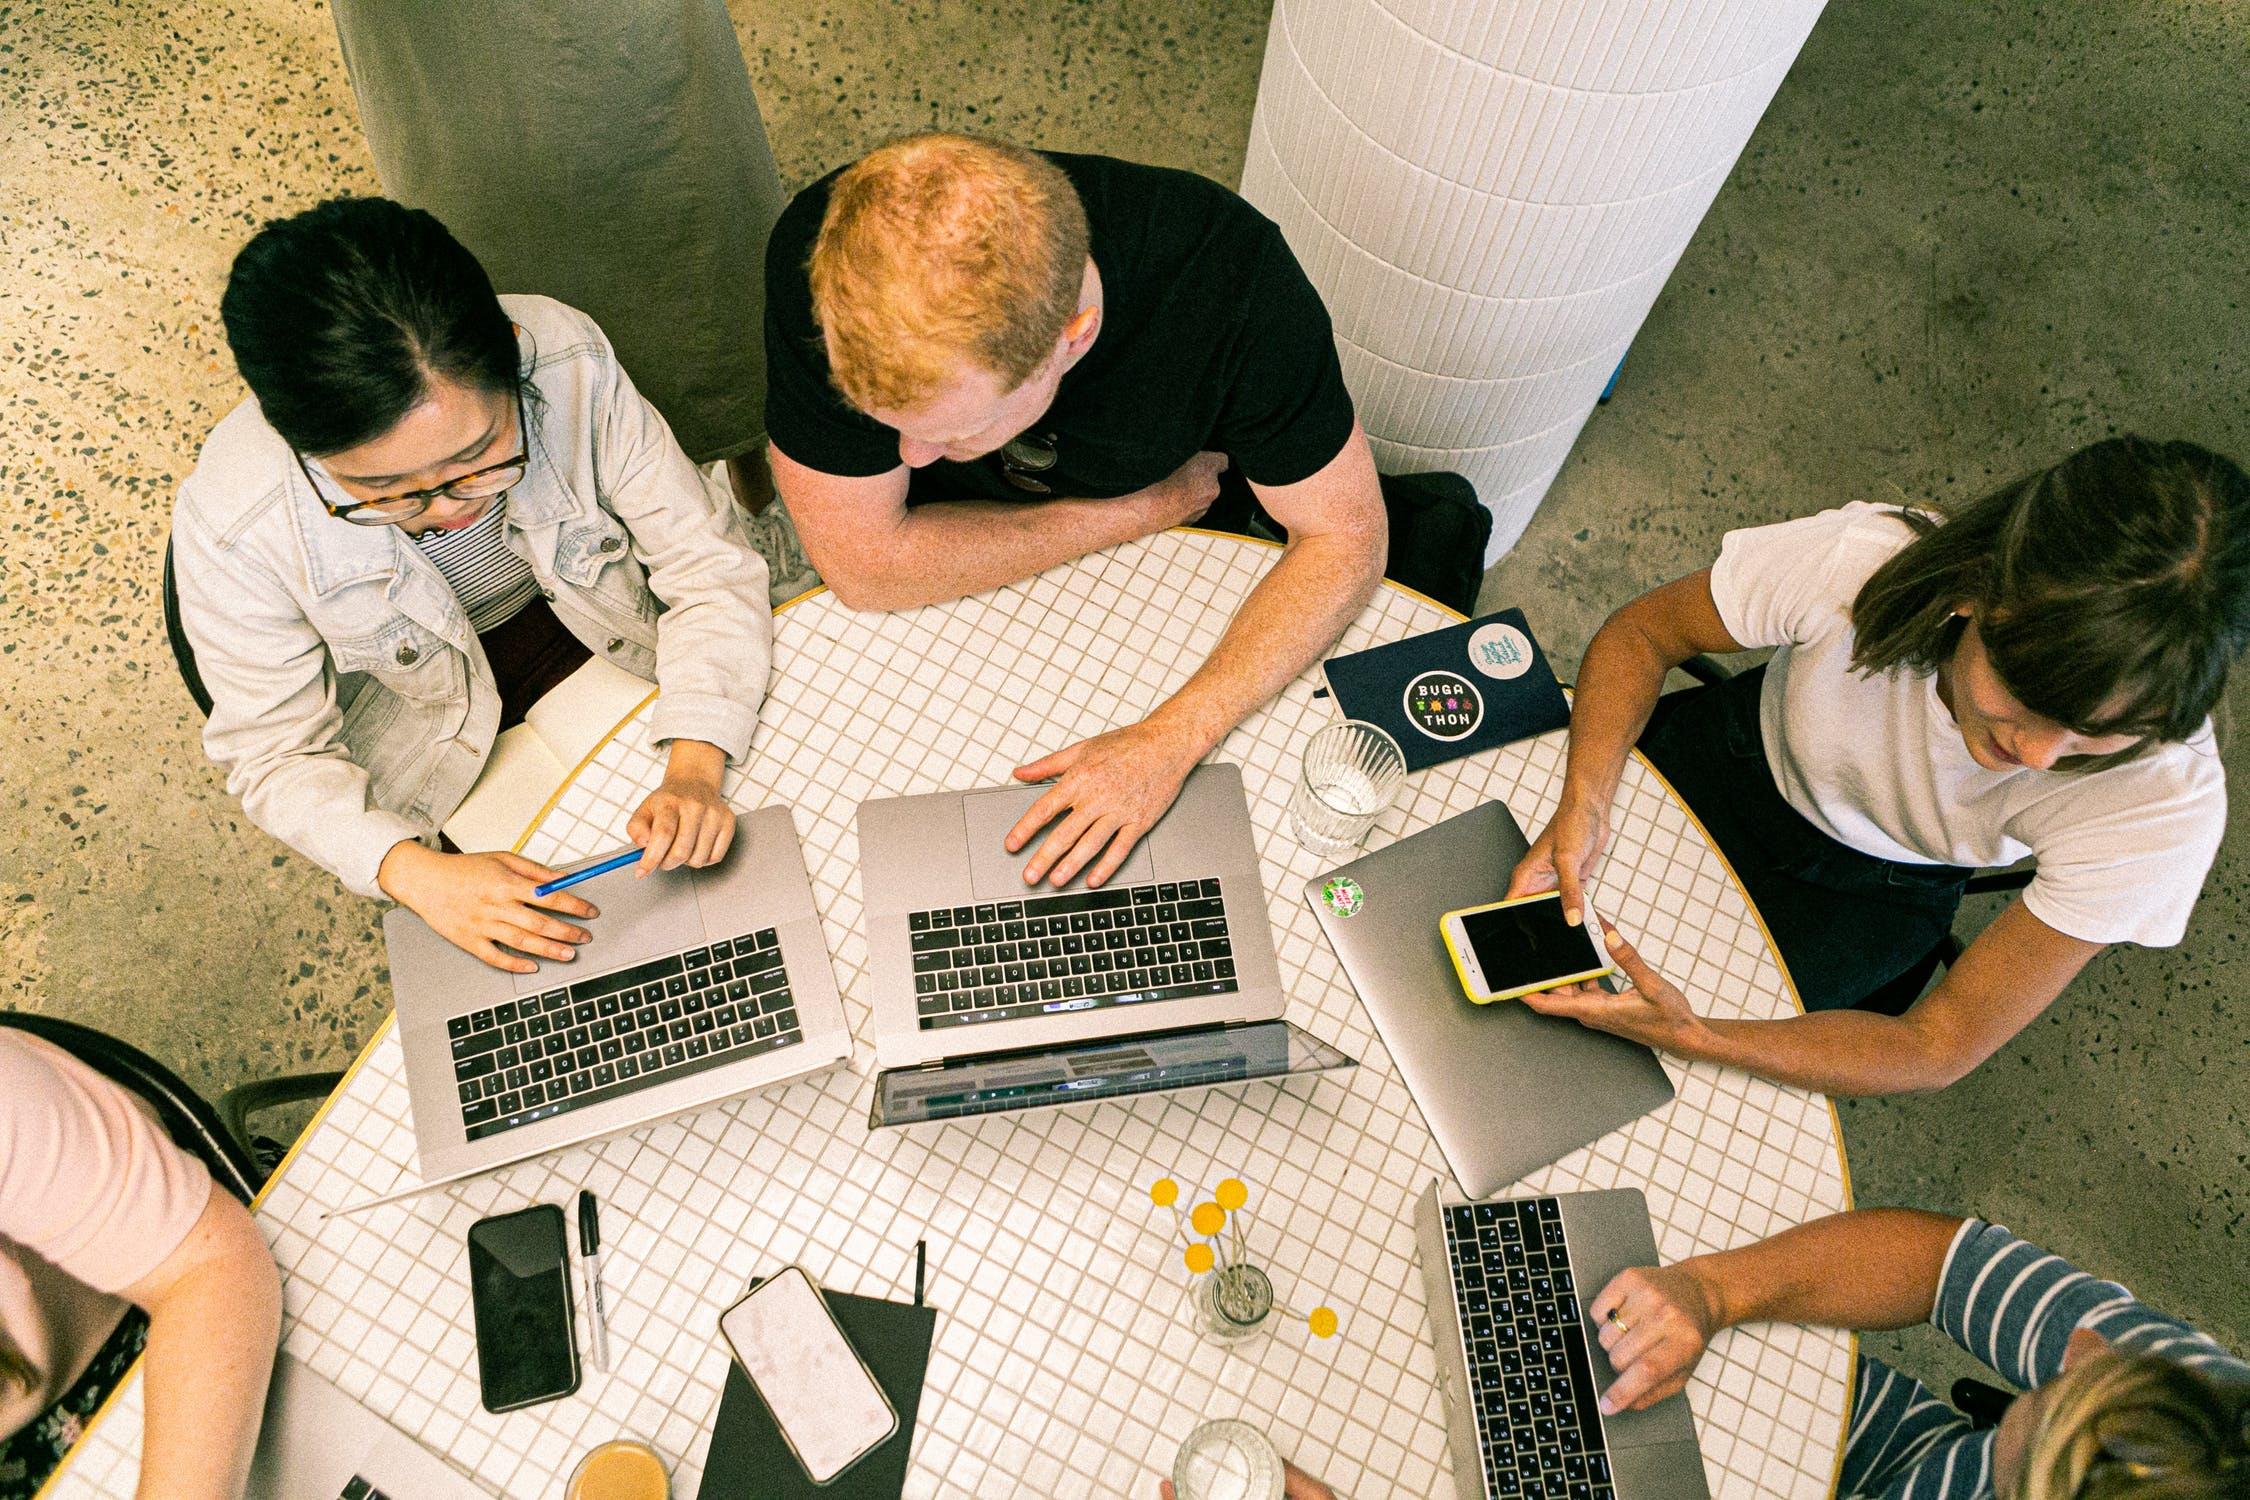 Why should I hire a digital marketing agency?